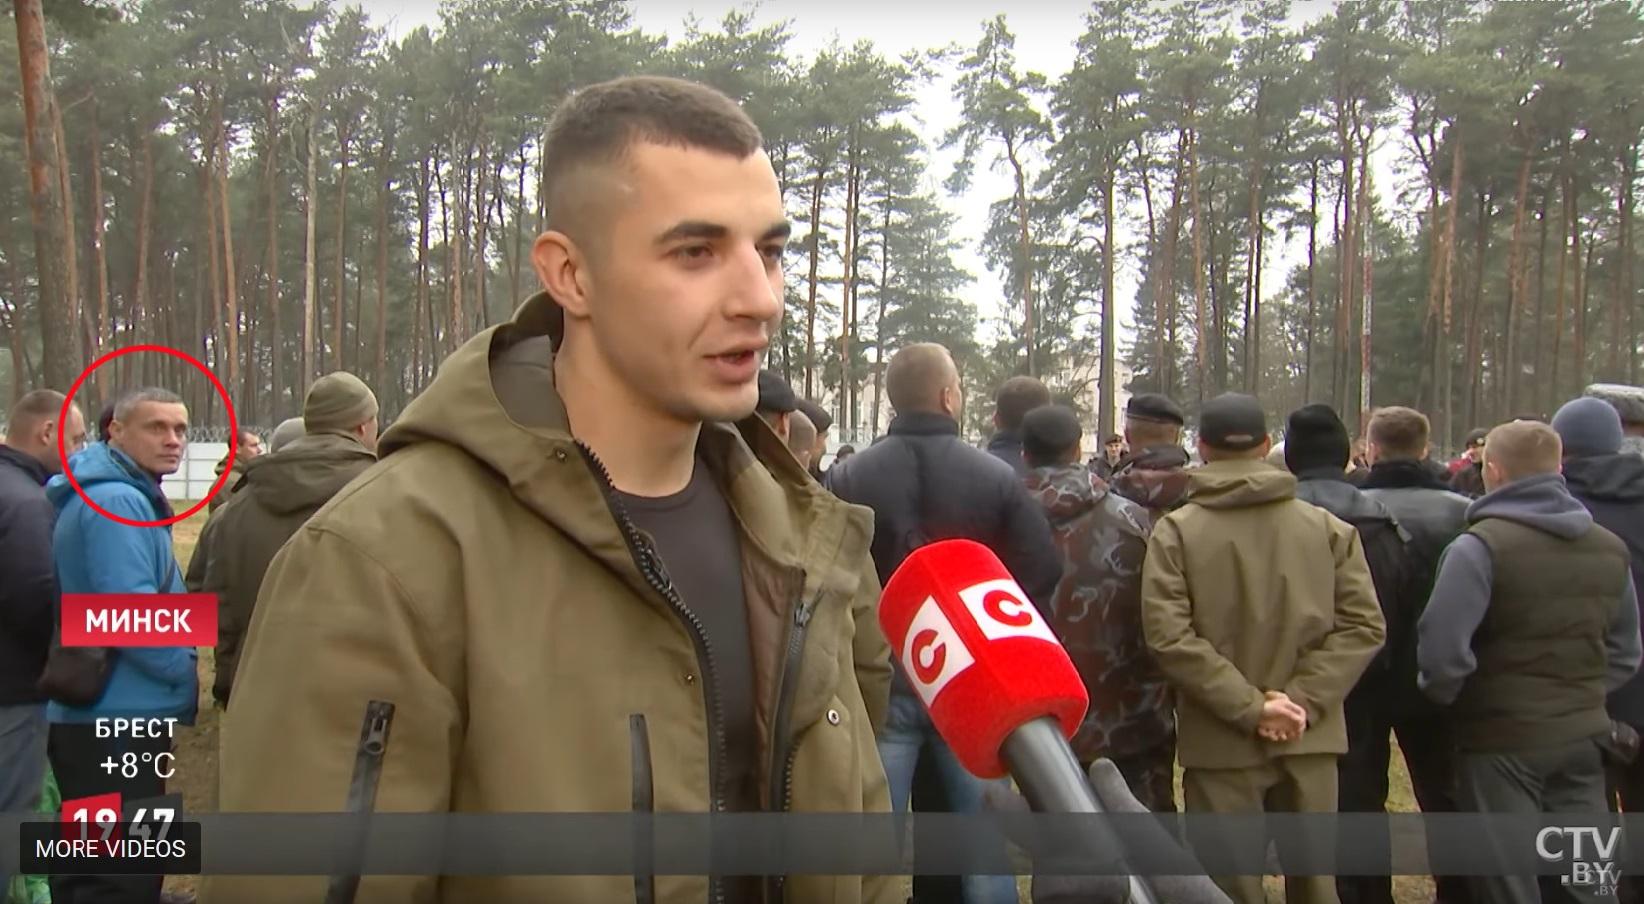 Dmitro Anzupow ist mit einem roten Kreis markiert